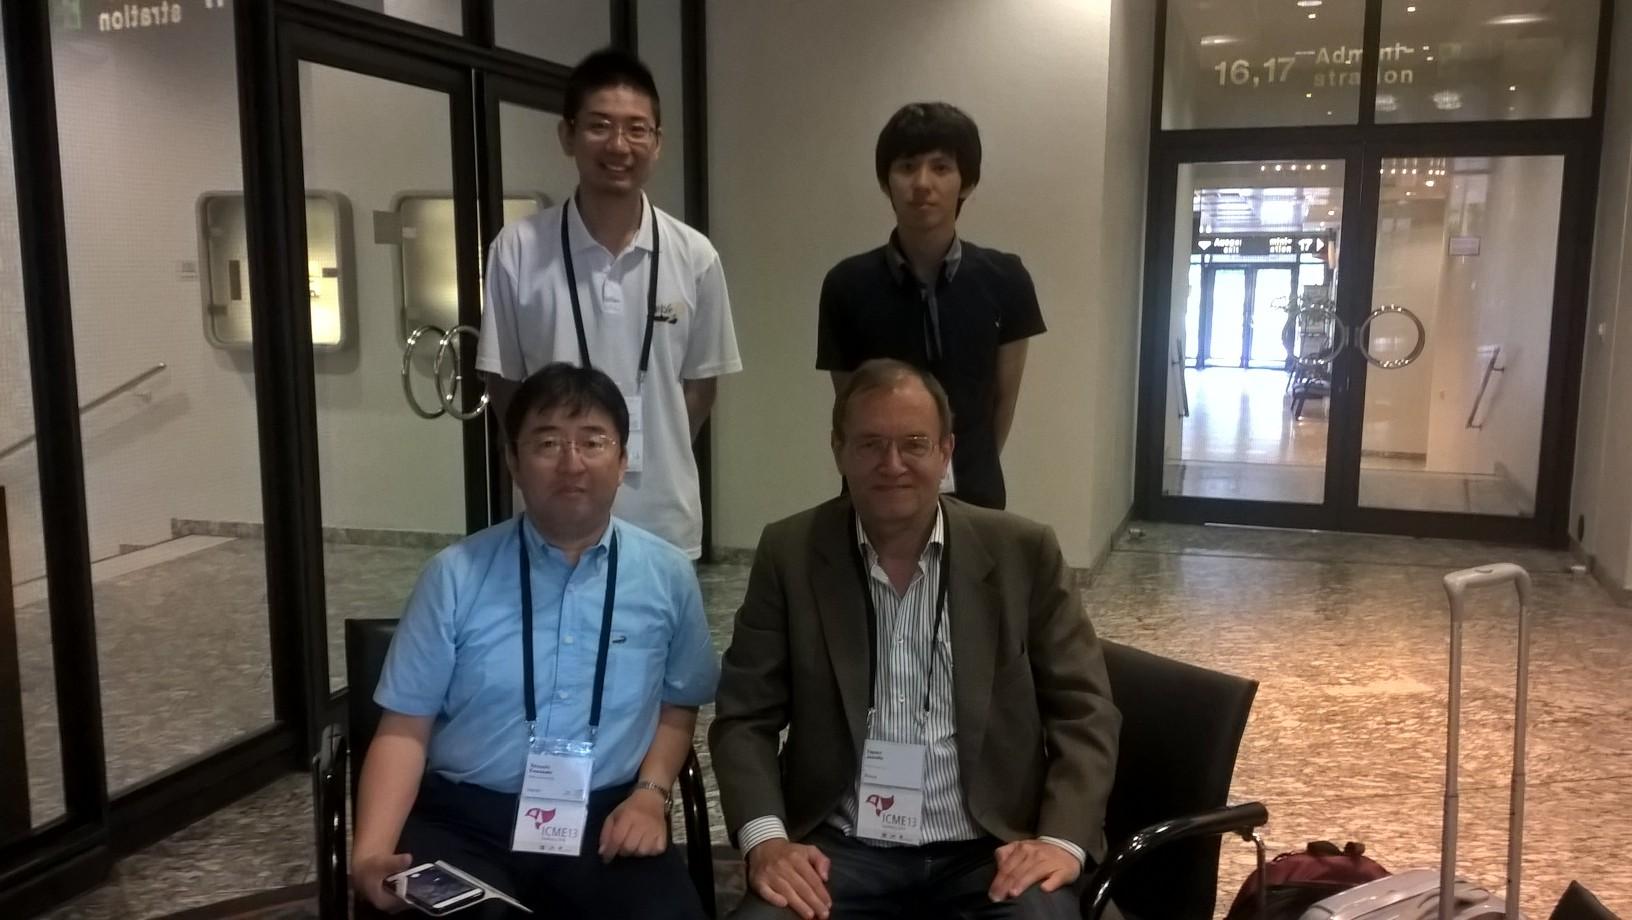 Japanilais-suomalainen tapaaminen konferenssikeskuksen lobbaussaleissa. Takehiro Kihira takarivissä oikealla.